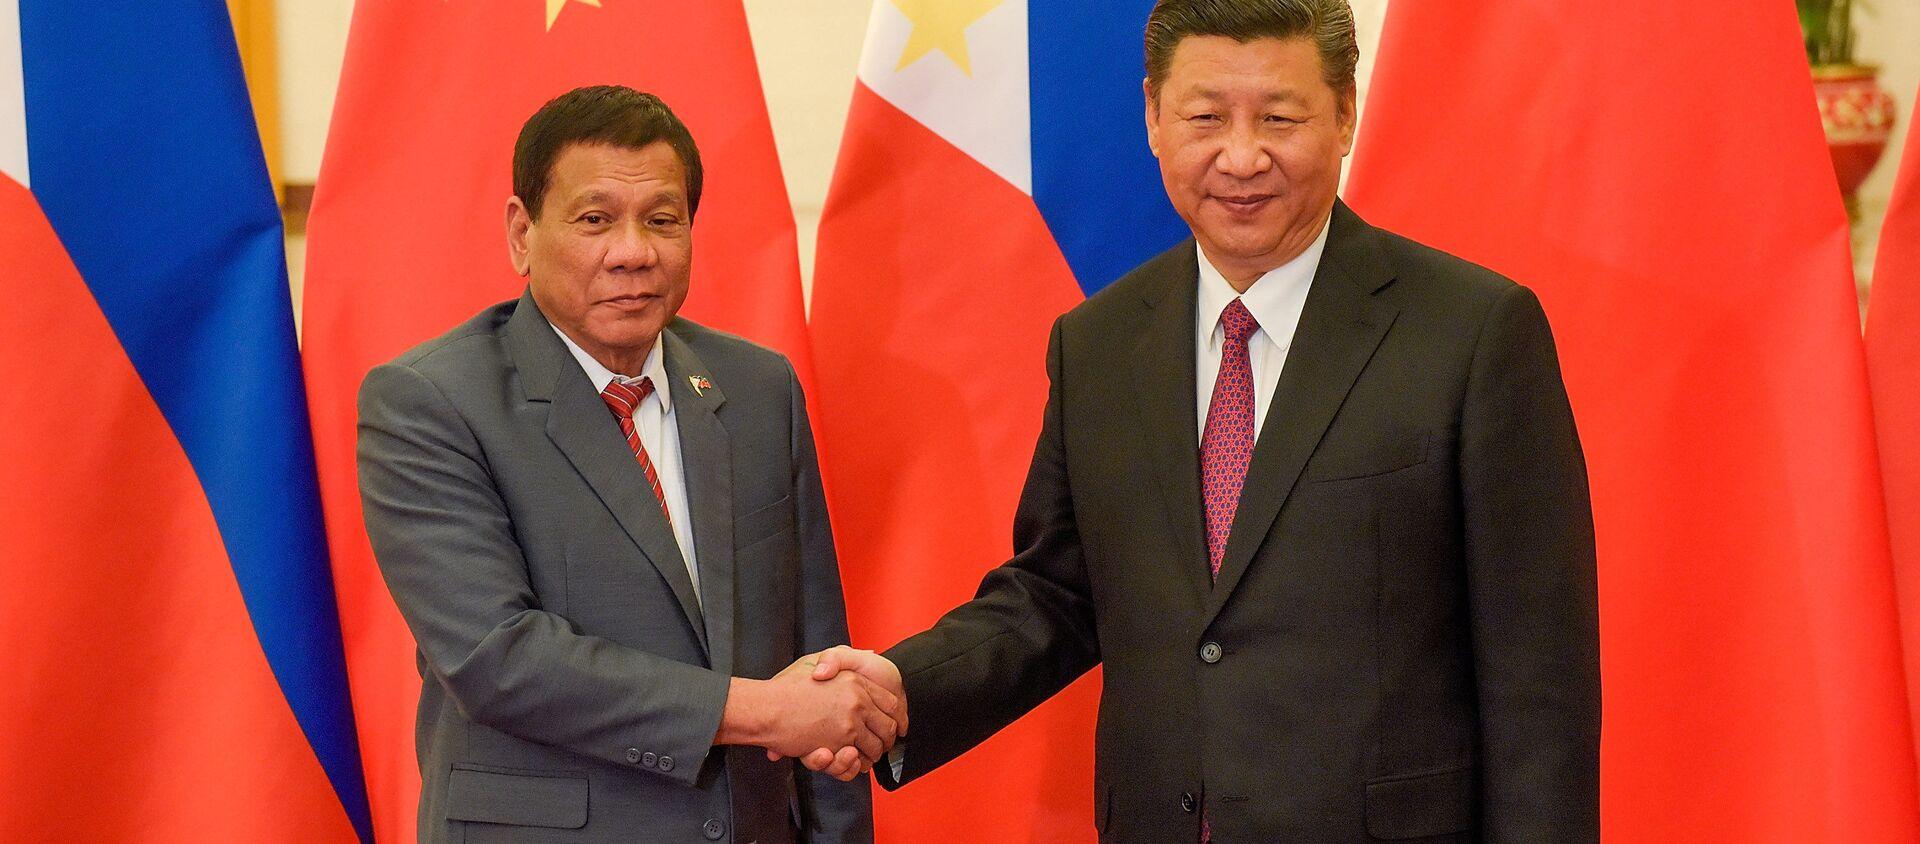 Tổng thống Philippines Rodrigo Duterte và Chủ tịch Trung Quốc Tập Cận Bình  - Sputnik Việt Nam, 1920, 23.08.2019